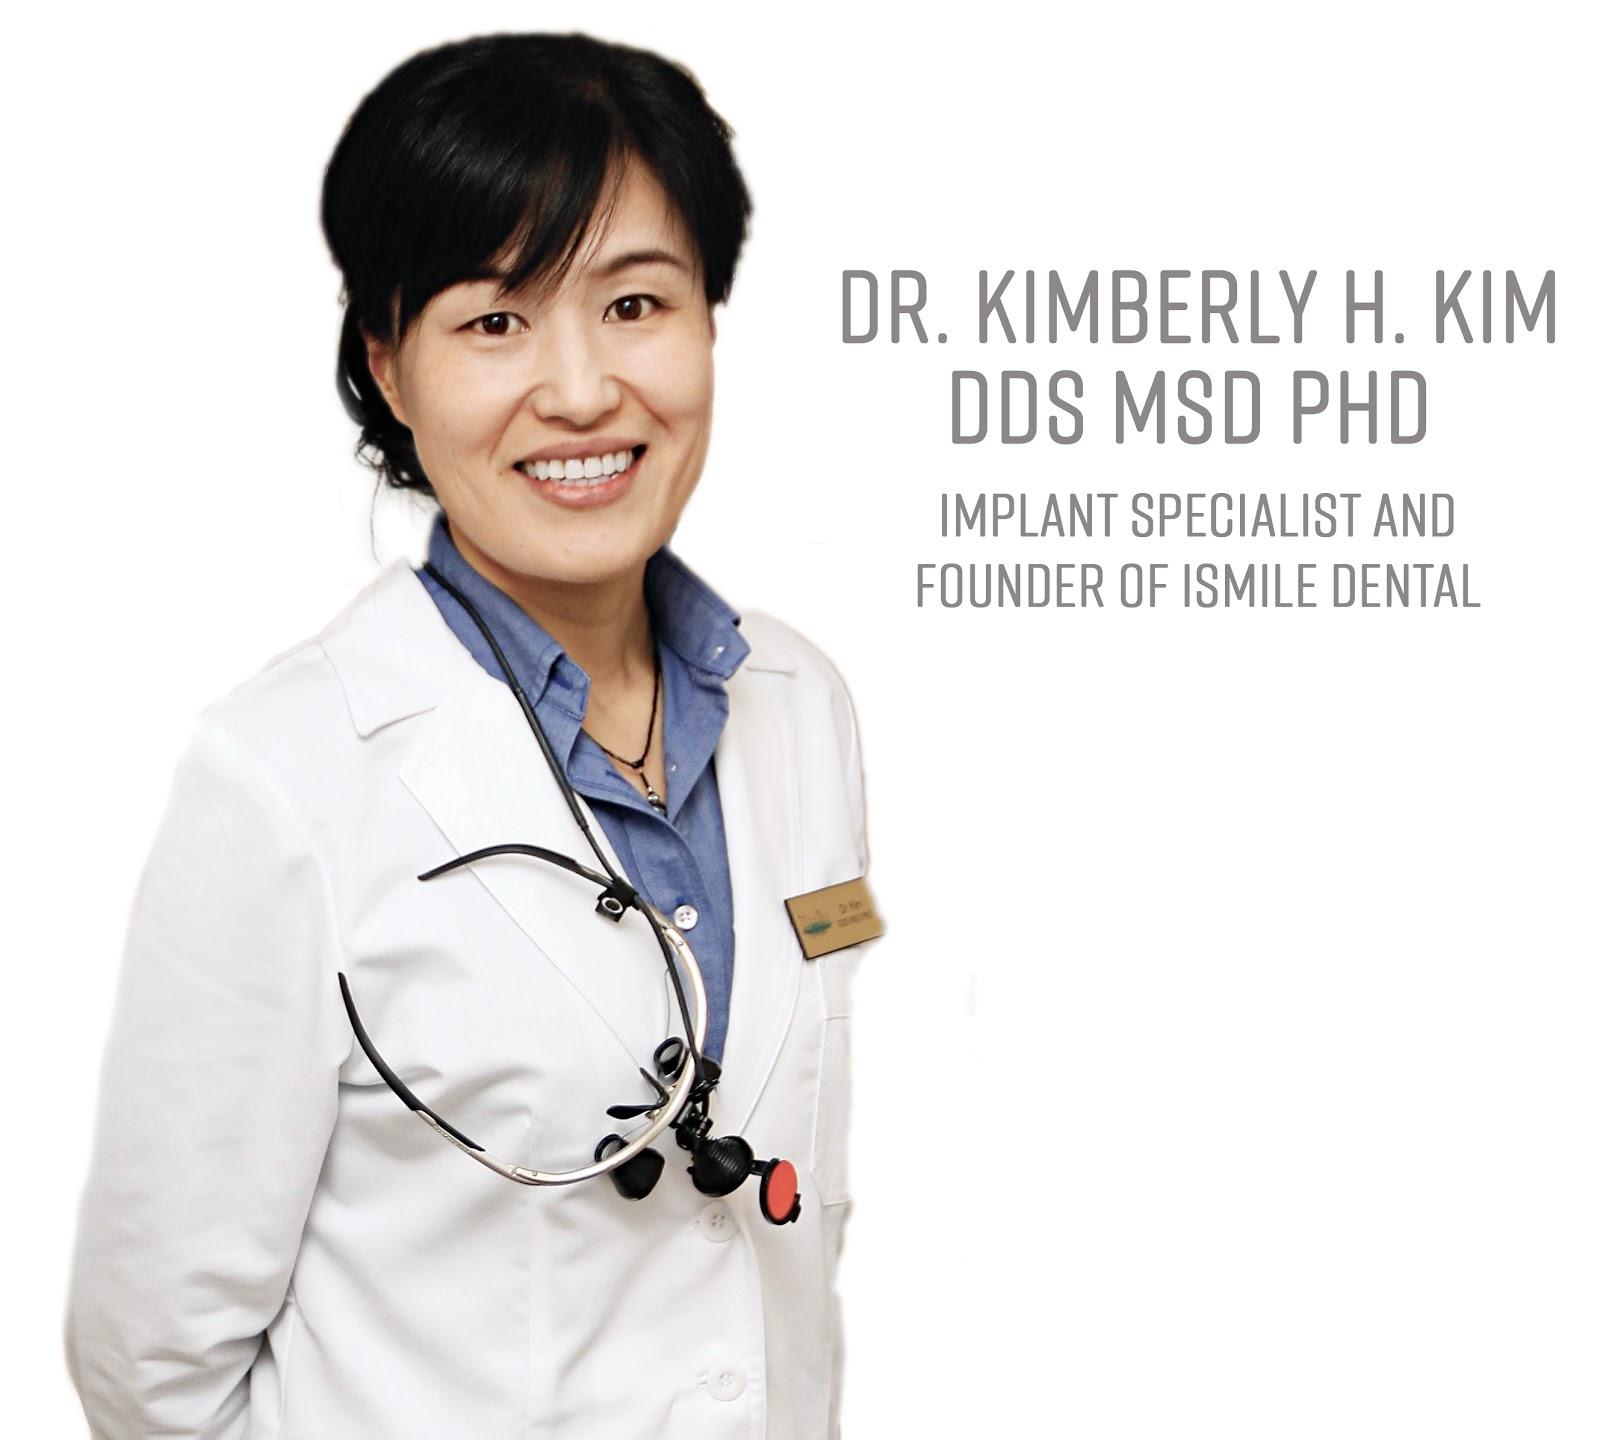 Dr. Kimberly Kim